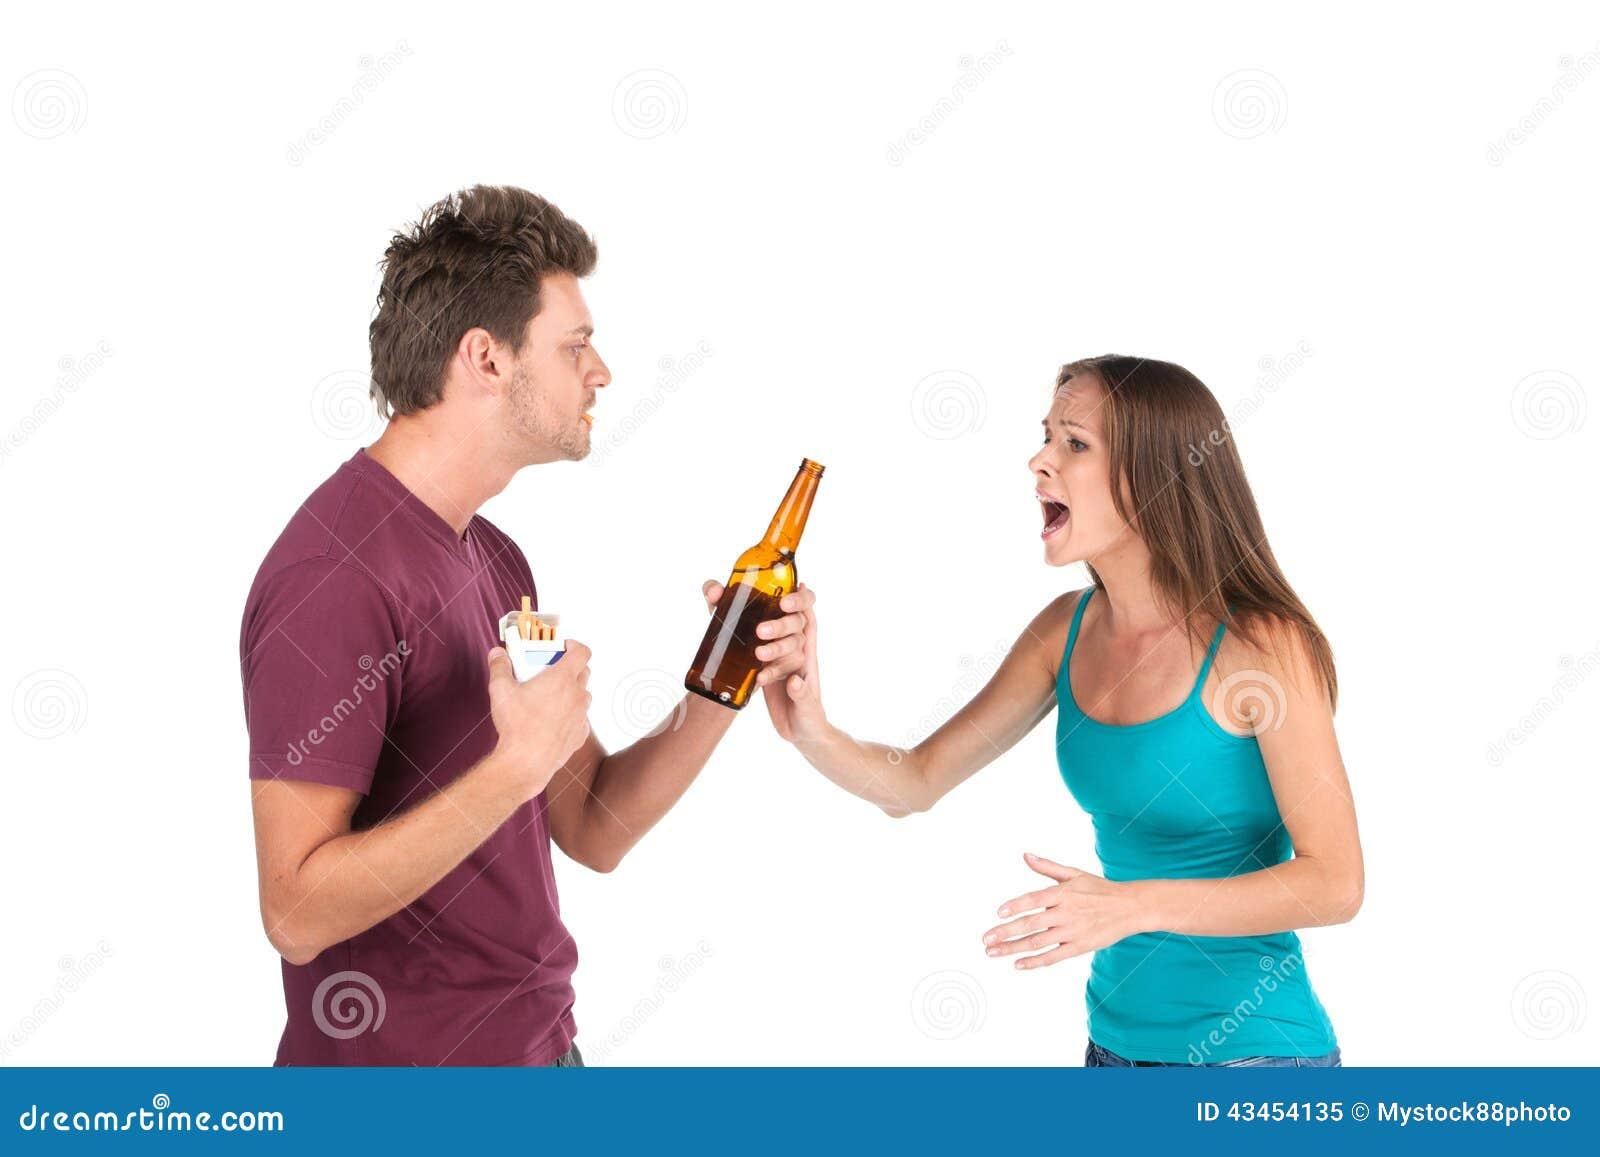 men cumming over ladies